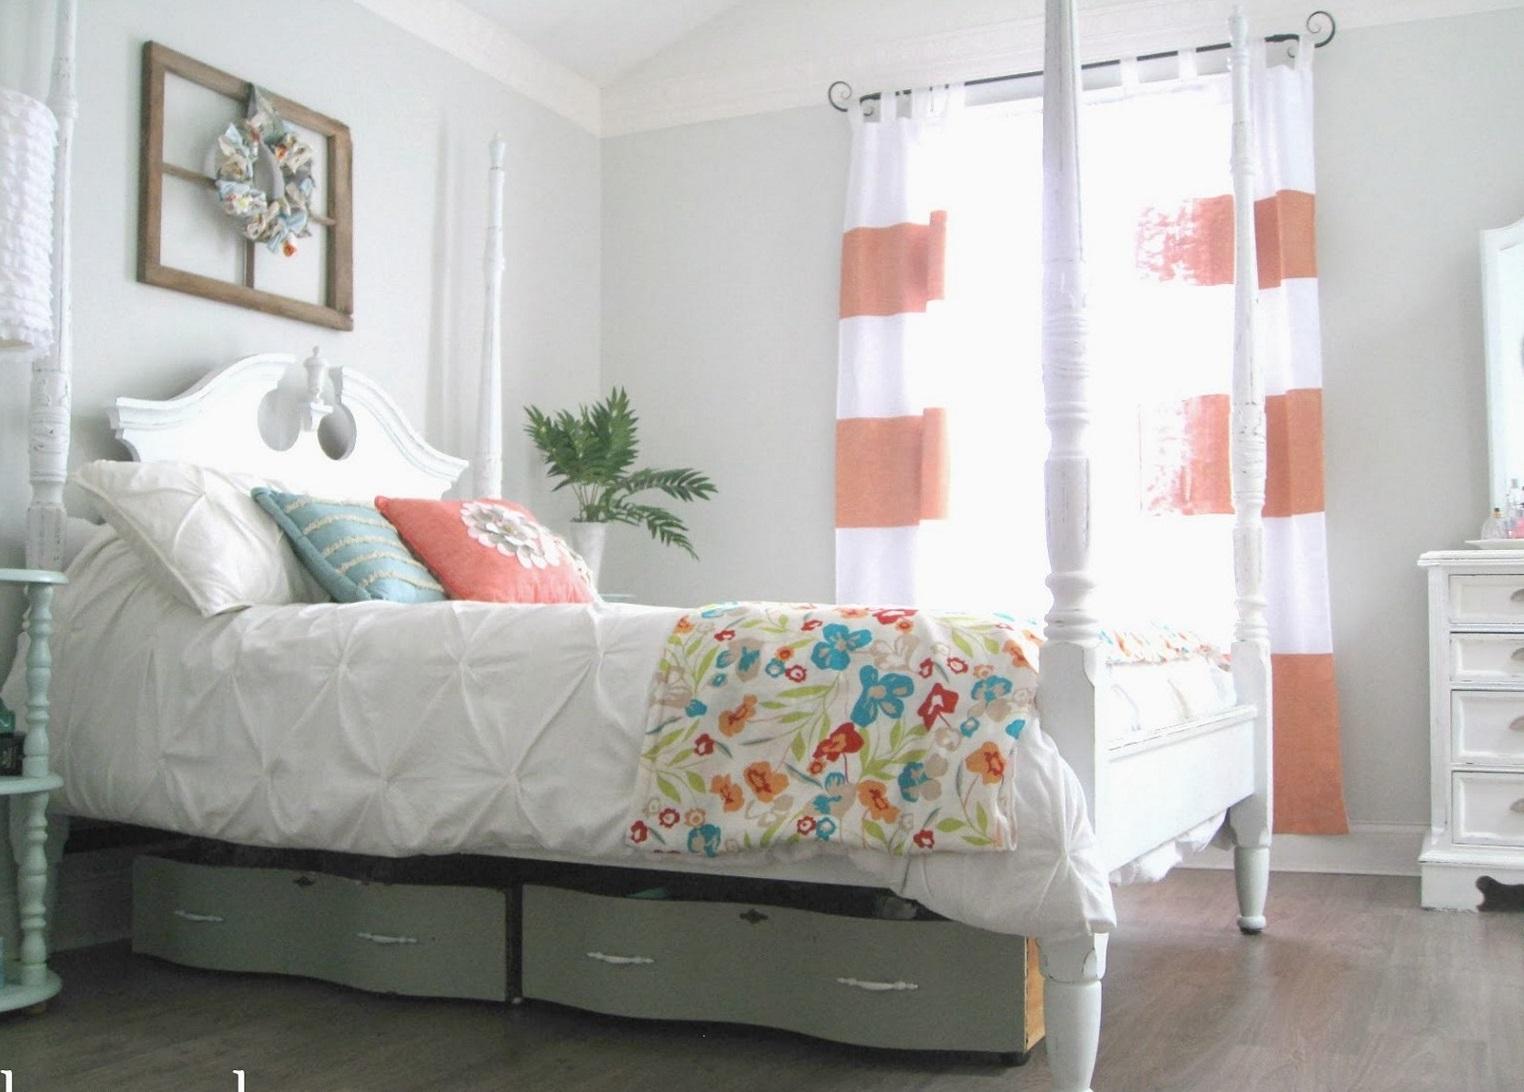 15 consigli per tenere in ordine la camera da letto home - Cassetti sotto il letto ...